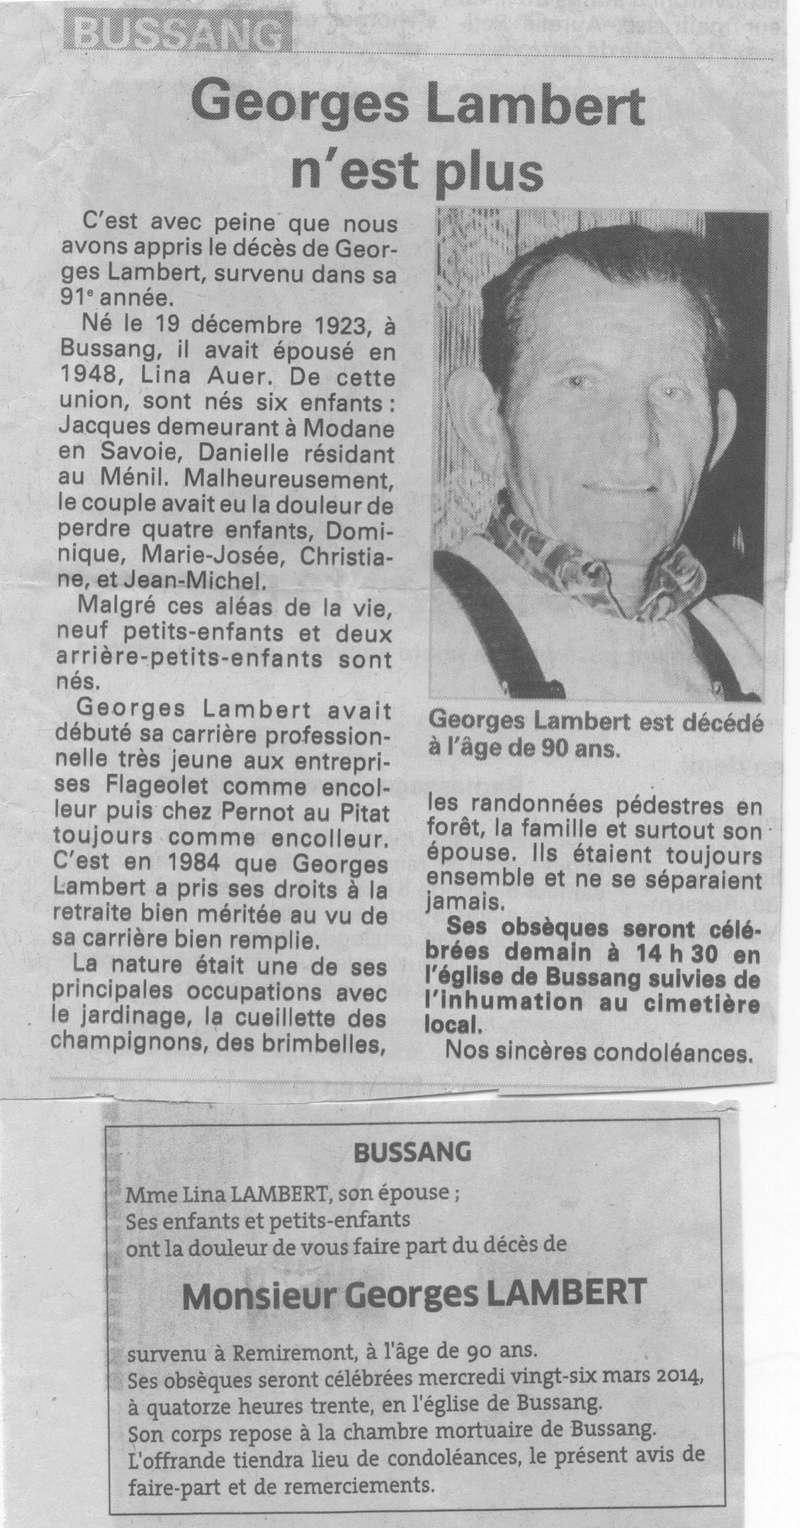 BUSSANG - SOUVENIRS DE GEORGES LAMBERT  33_00110